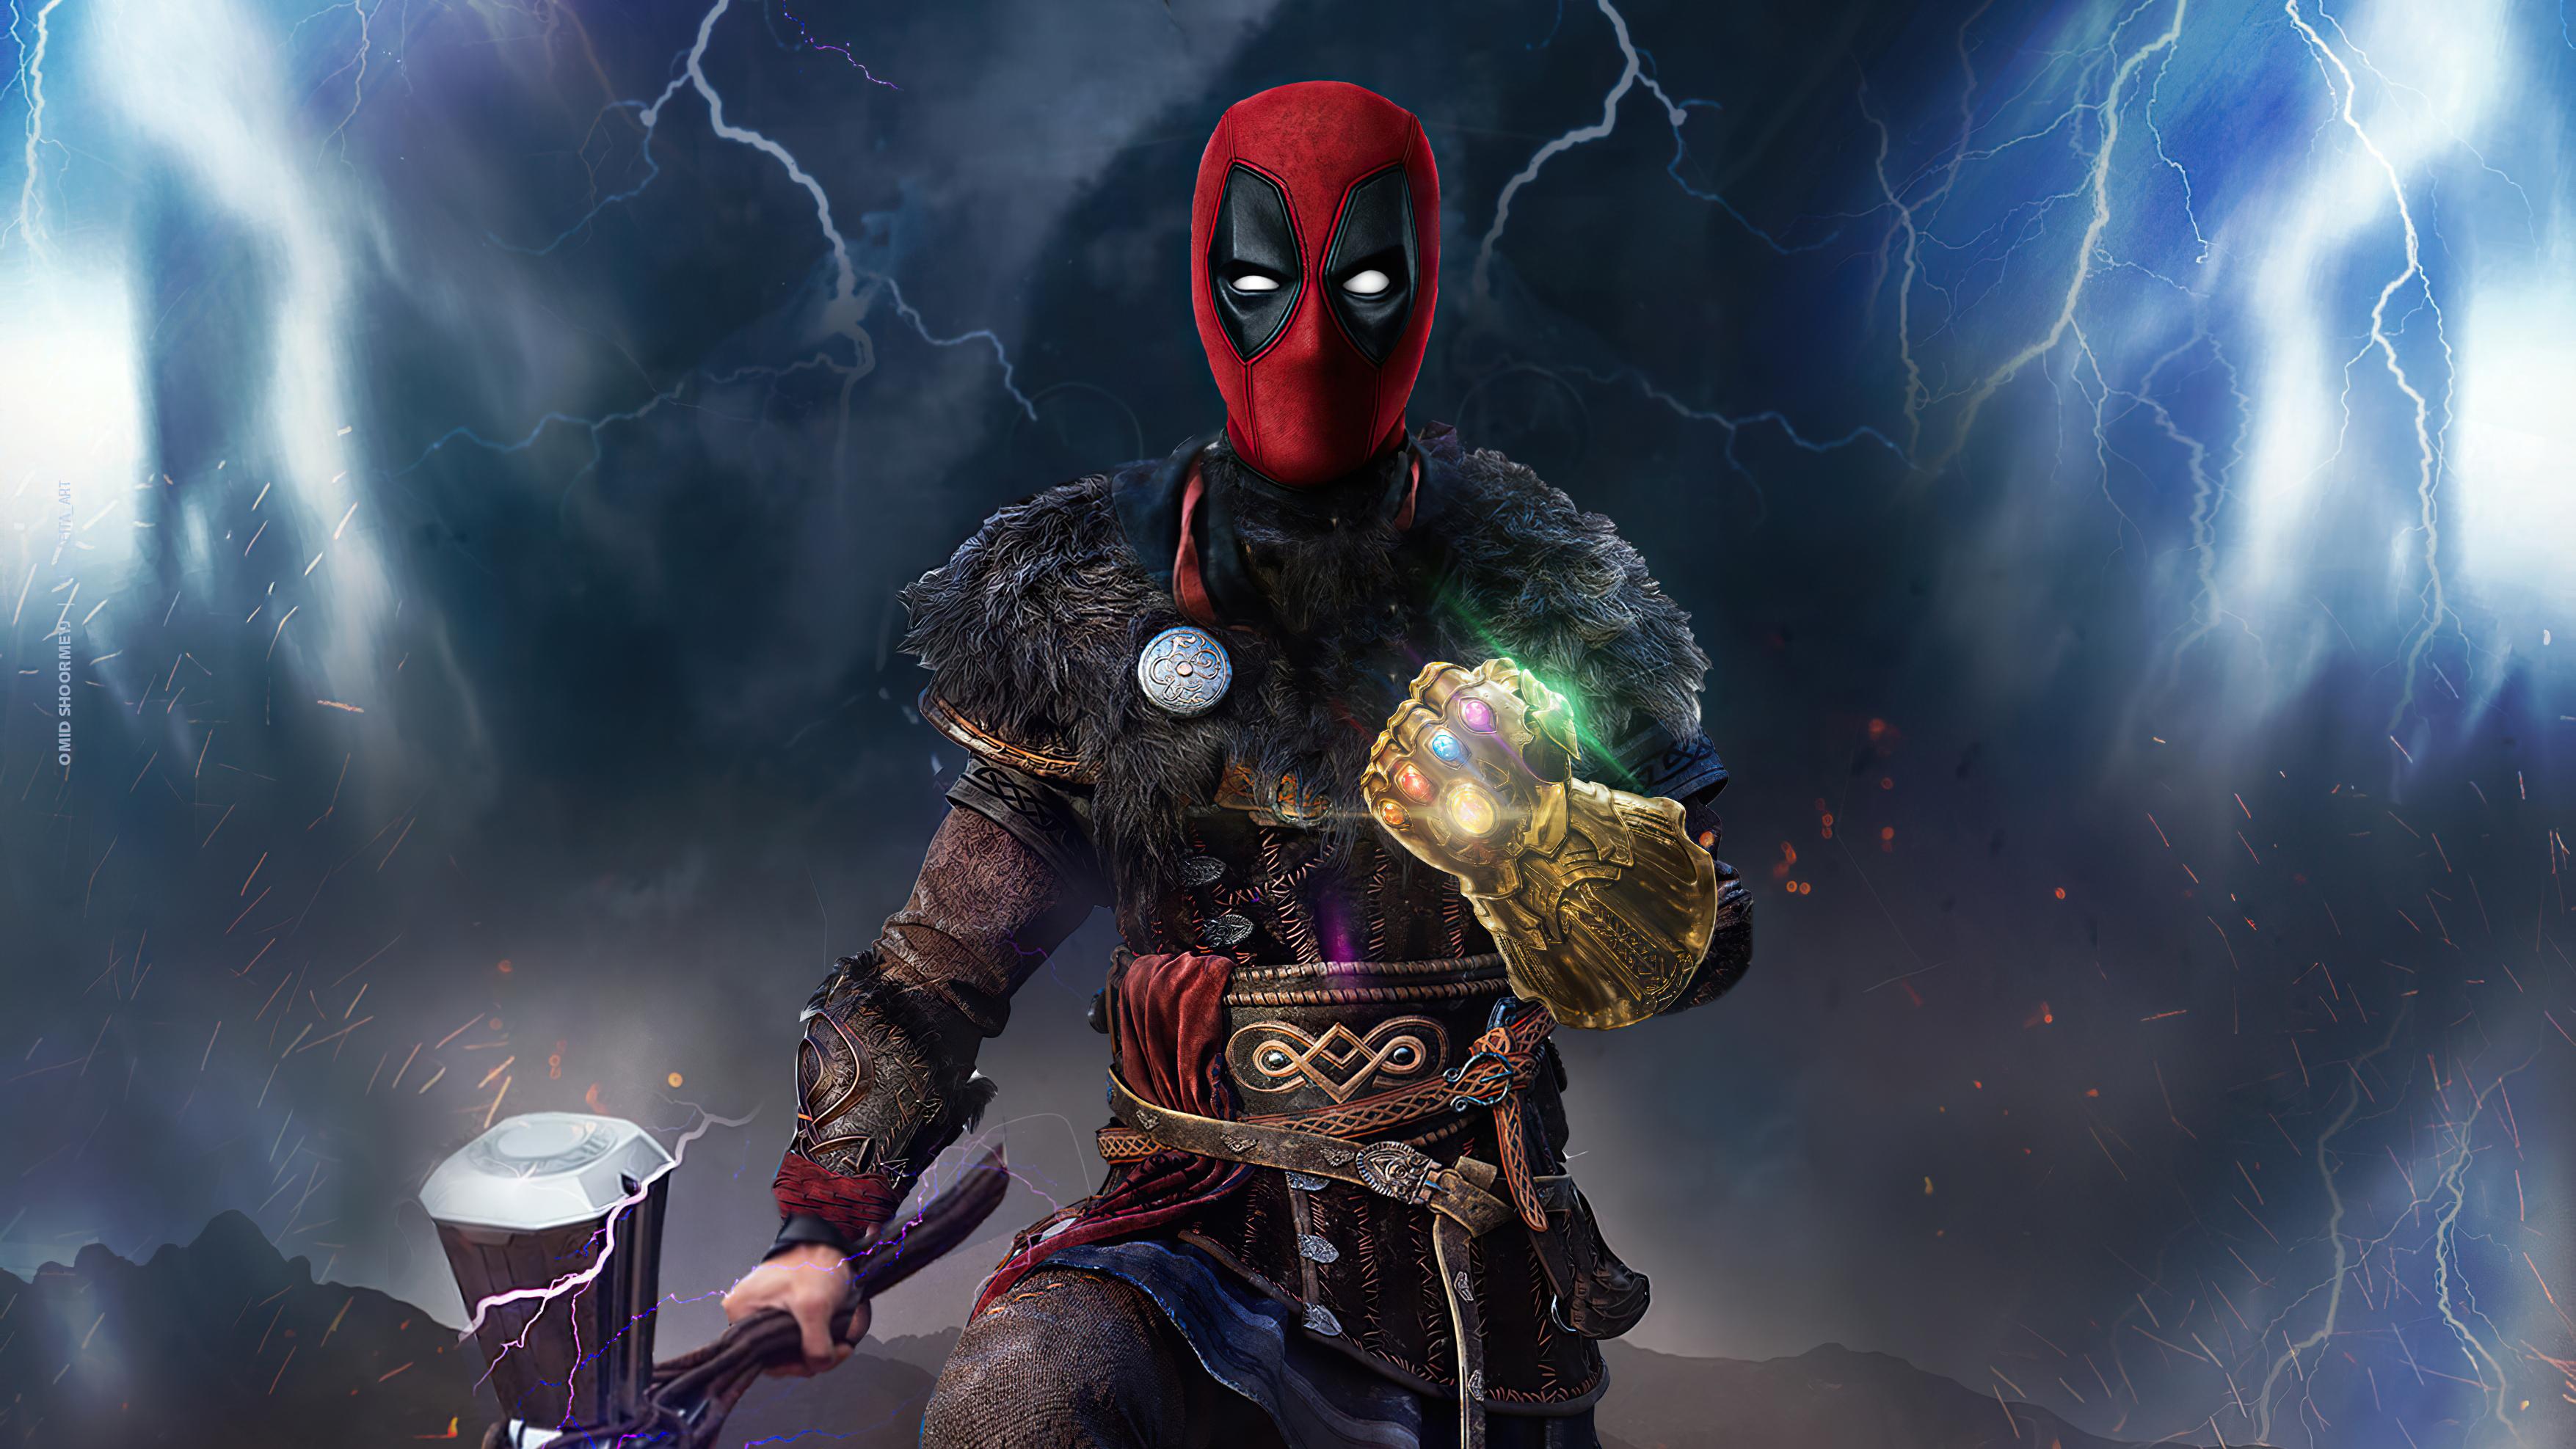 Deadpool Artwork 4k 2020, HD Superheroes, 4k Wallpapers ...